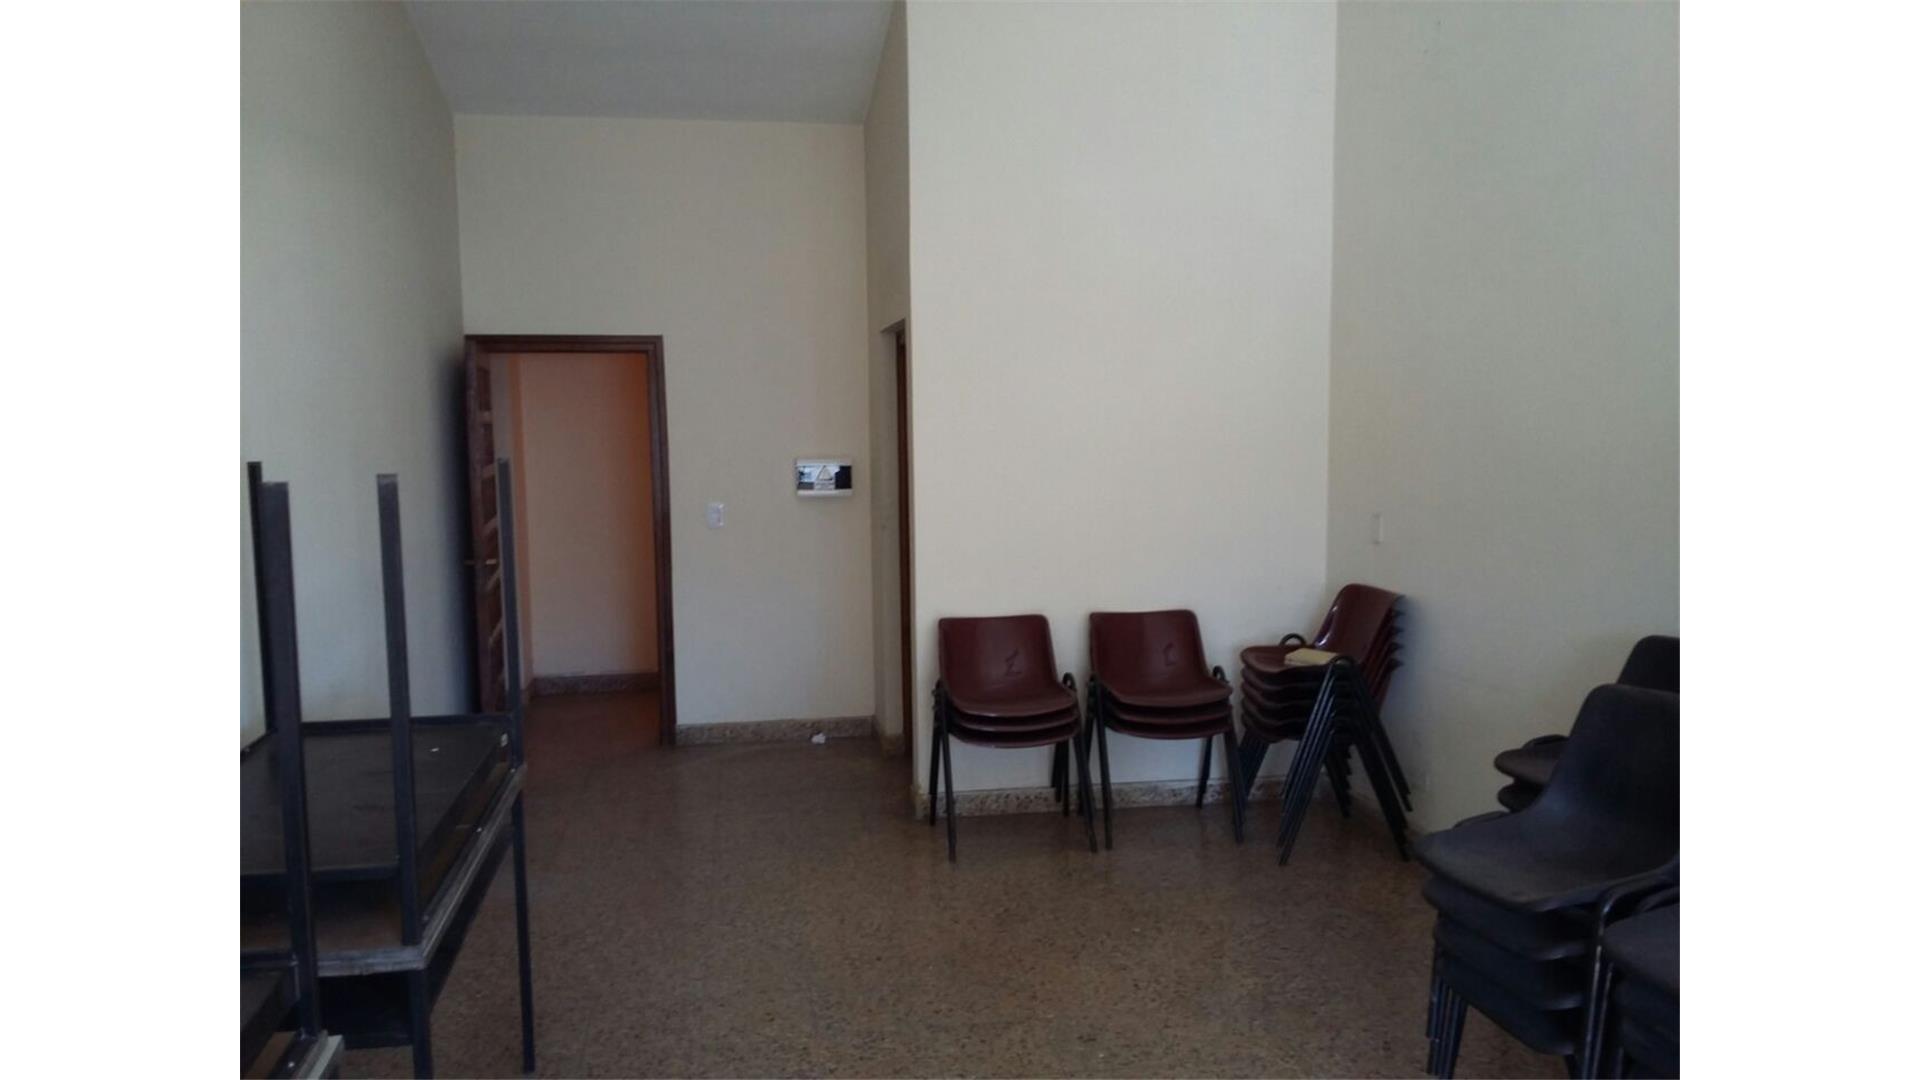 LC13 - Oficinas en alquiler Av Belgrano y Dean Funes